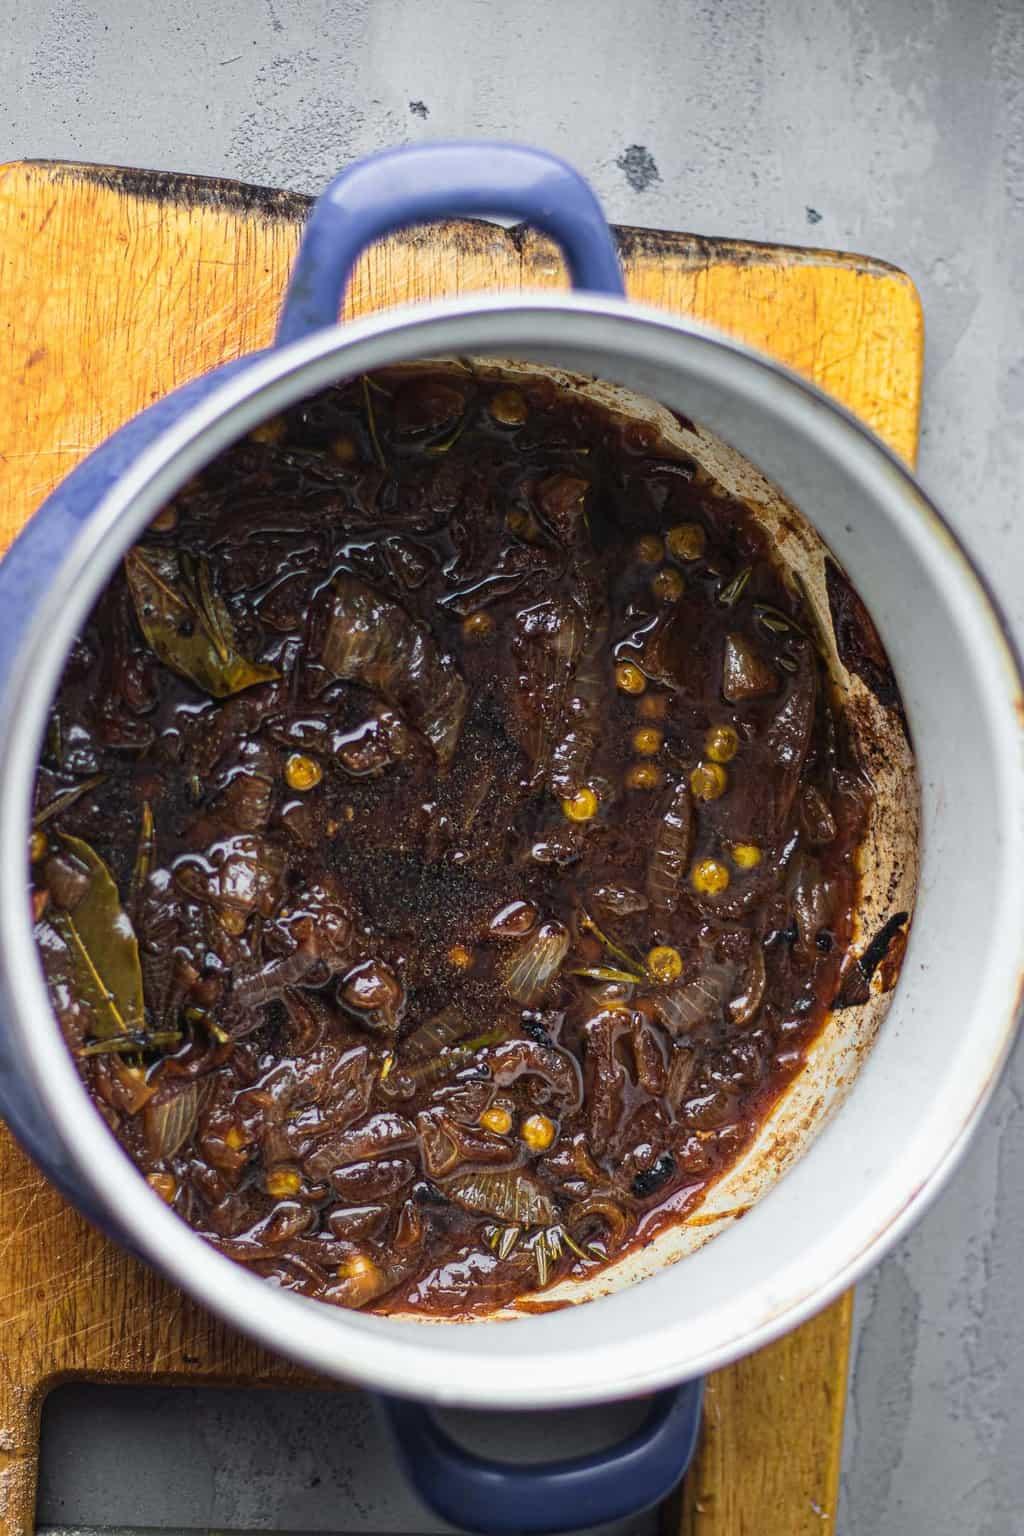 Vegan French onion soup in a saucepan